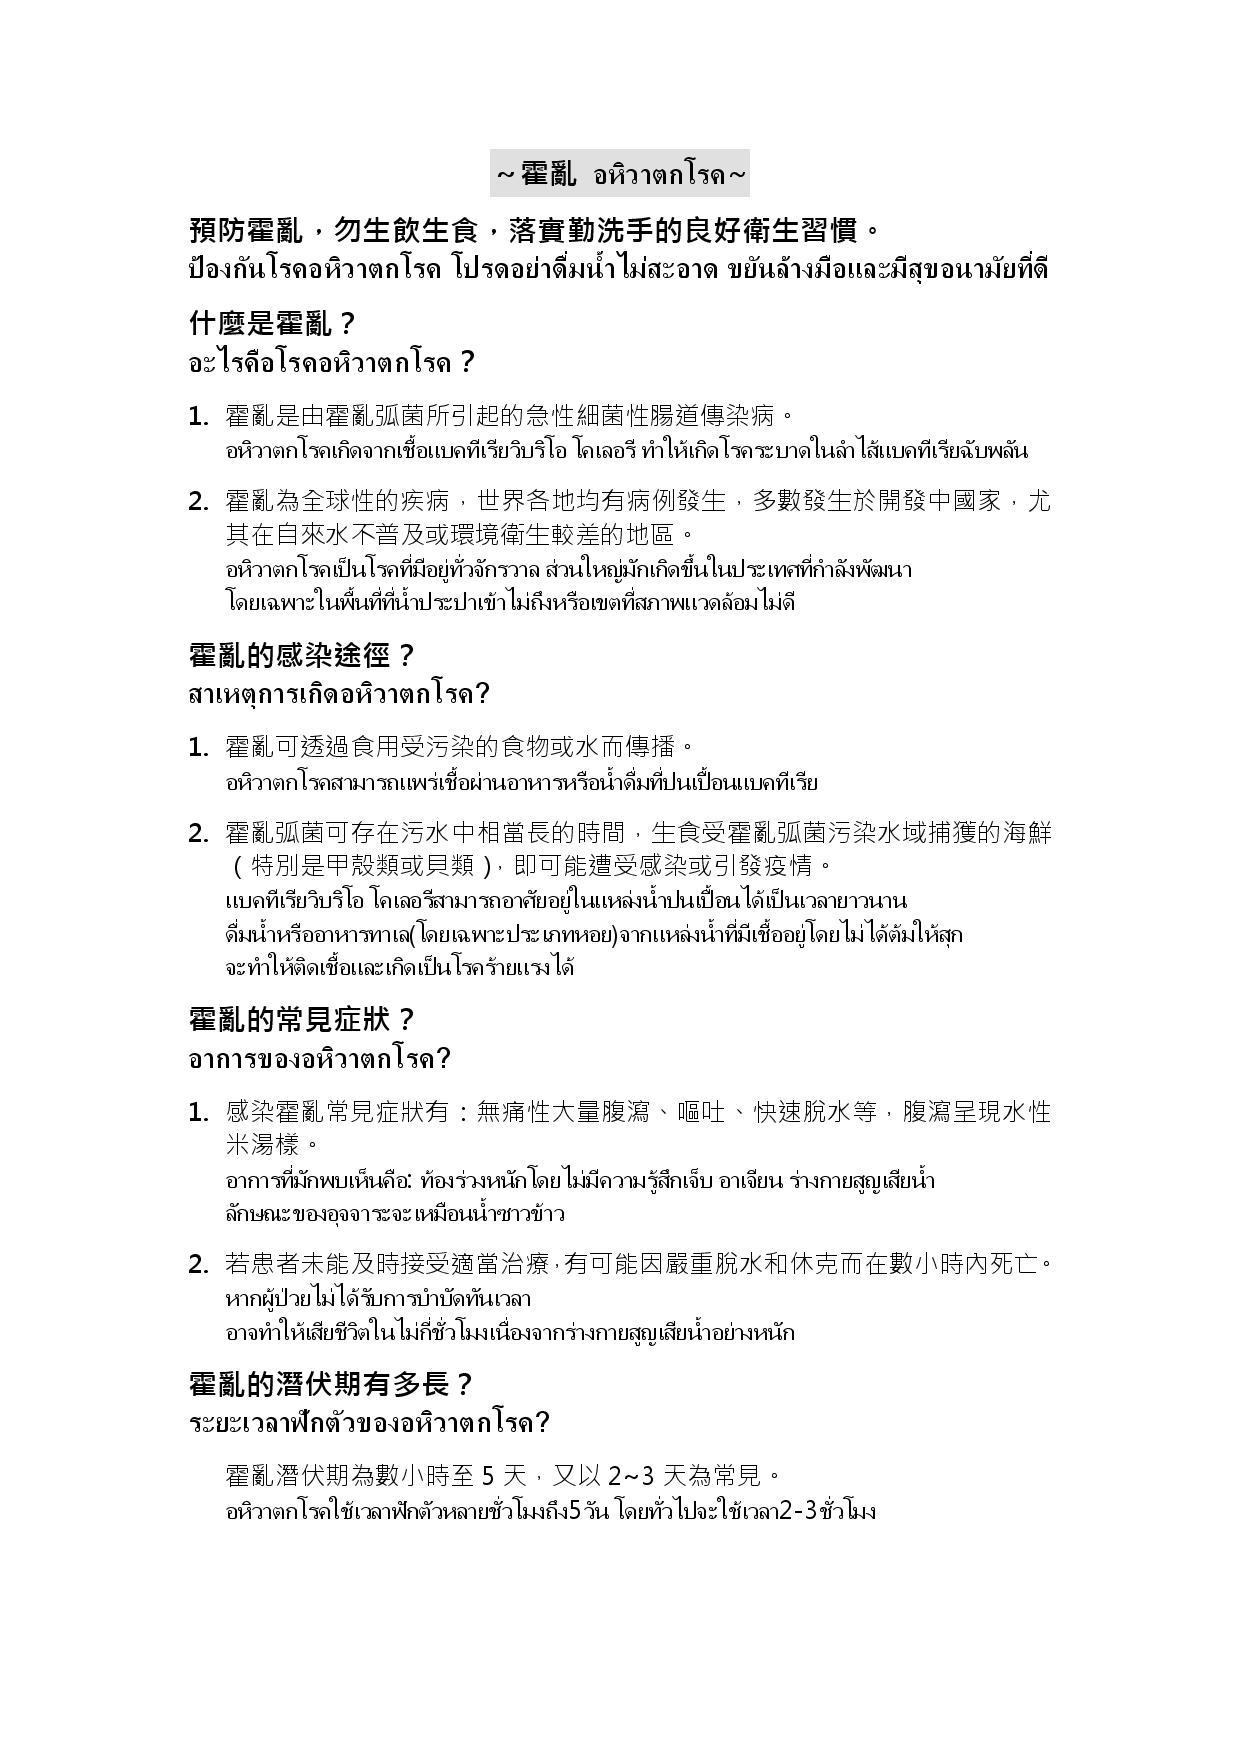 詳如附件【คลิก】ป้องกันโรคอหิวาตกโรค(หน้า 1)預防霍亂(泰文)